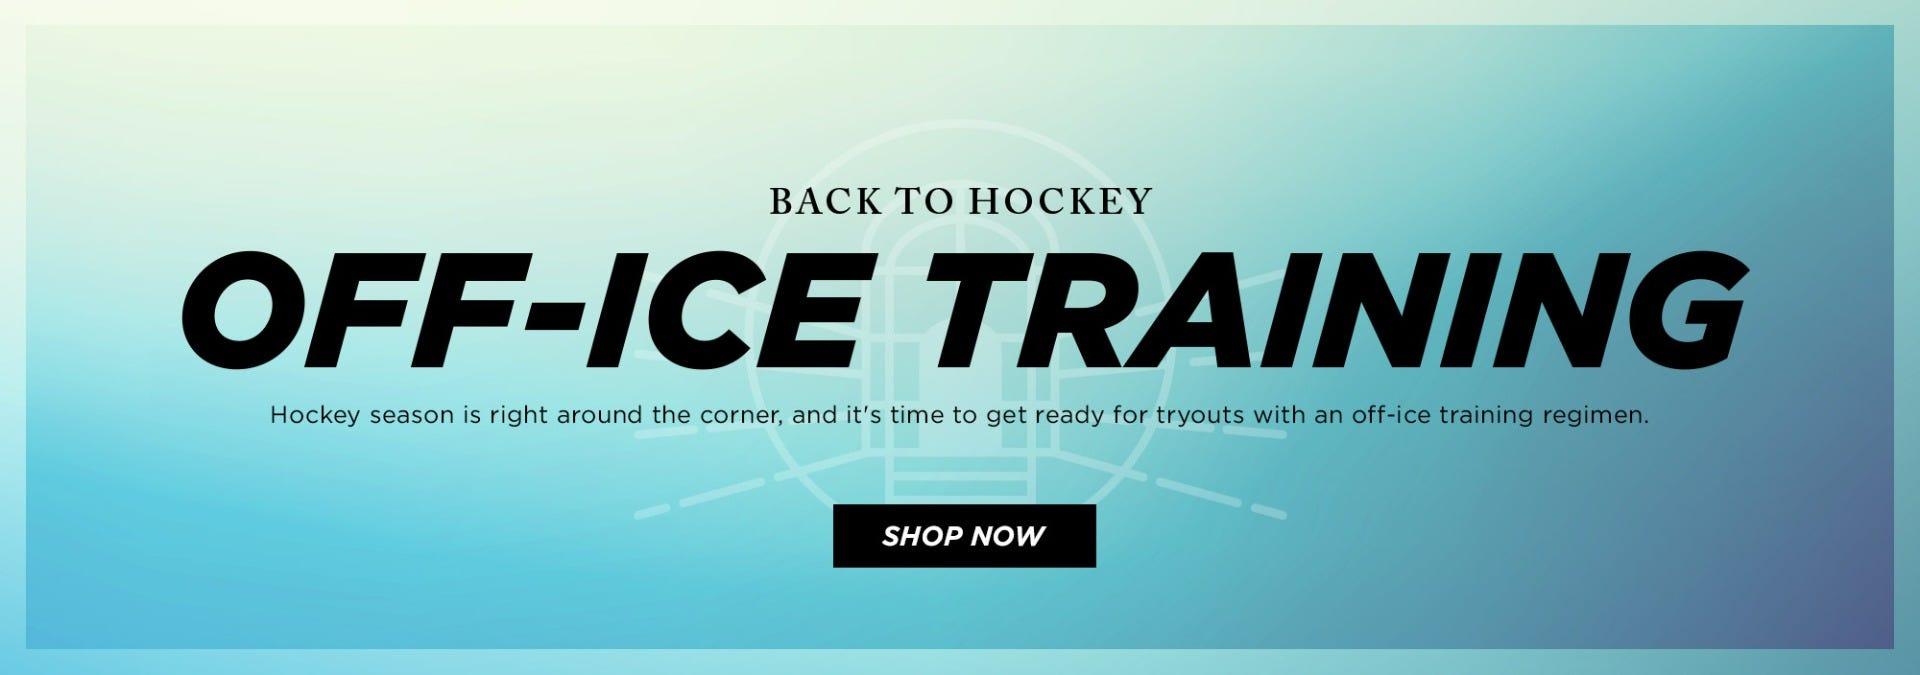 Back to Hockey: Off-Ice Training